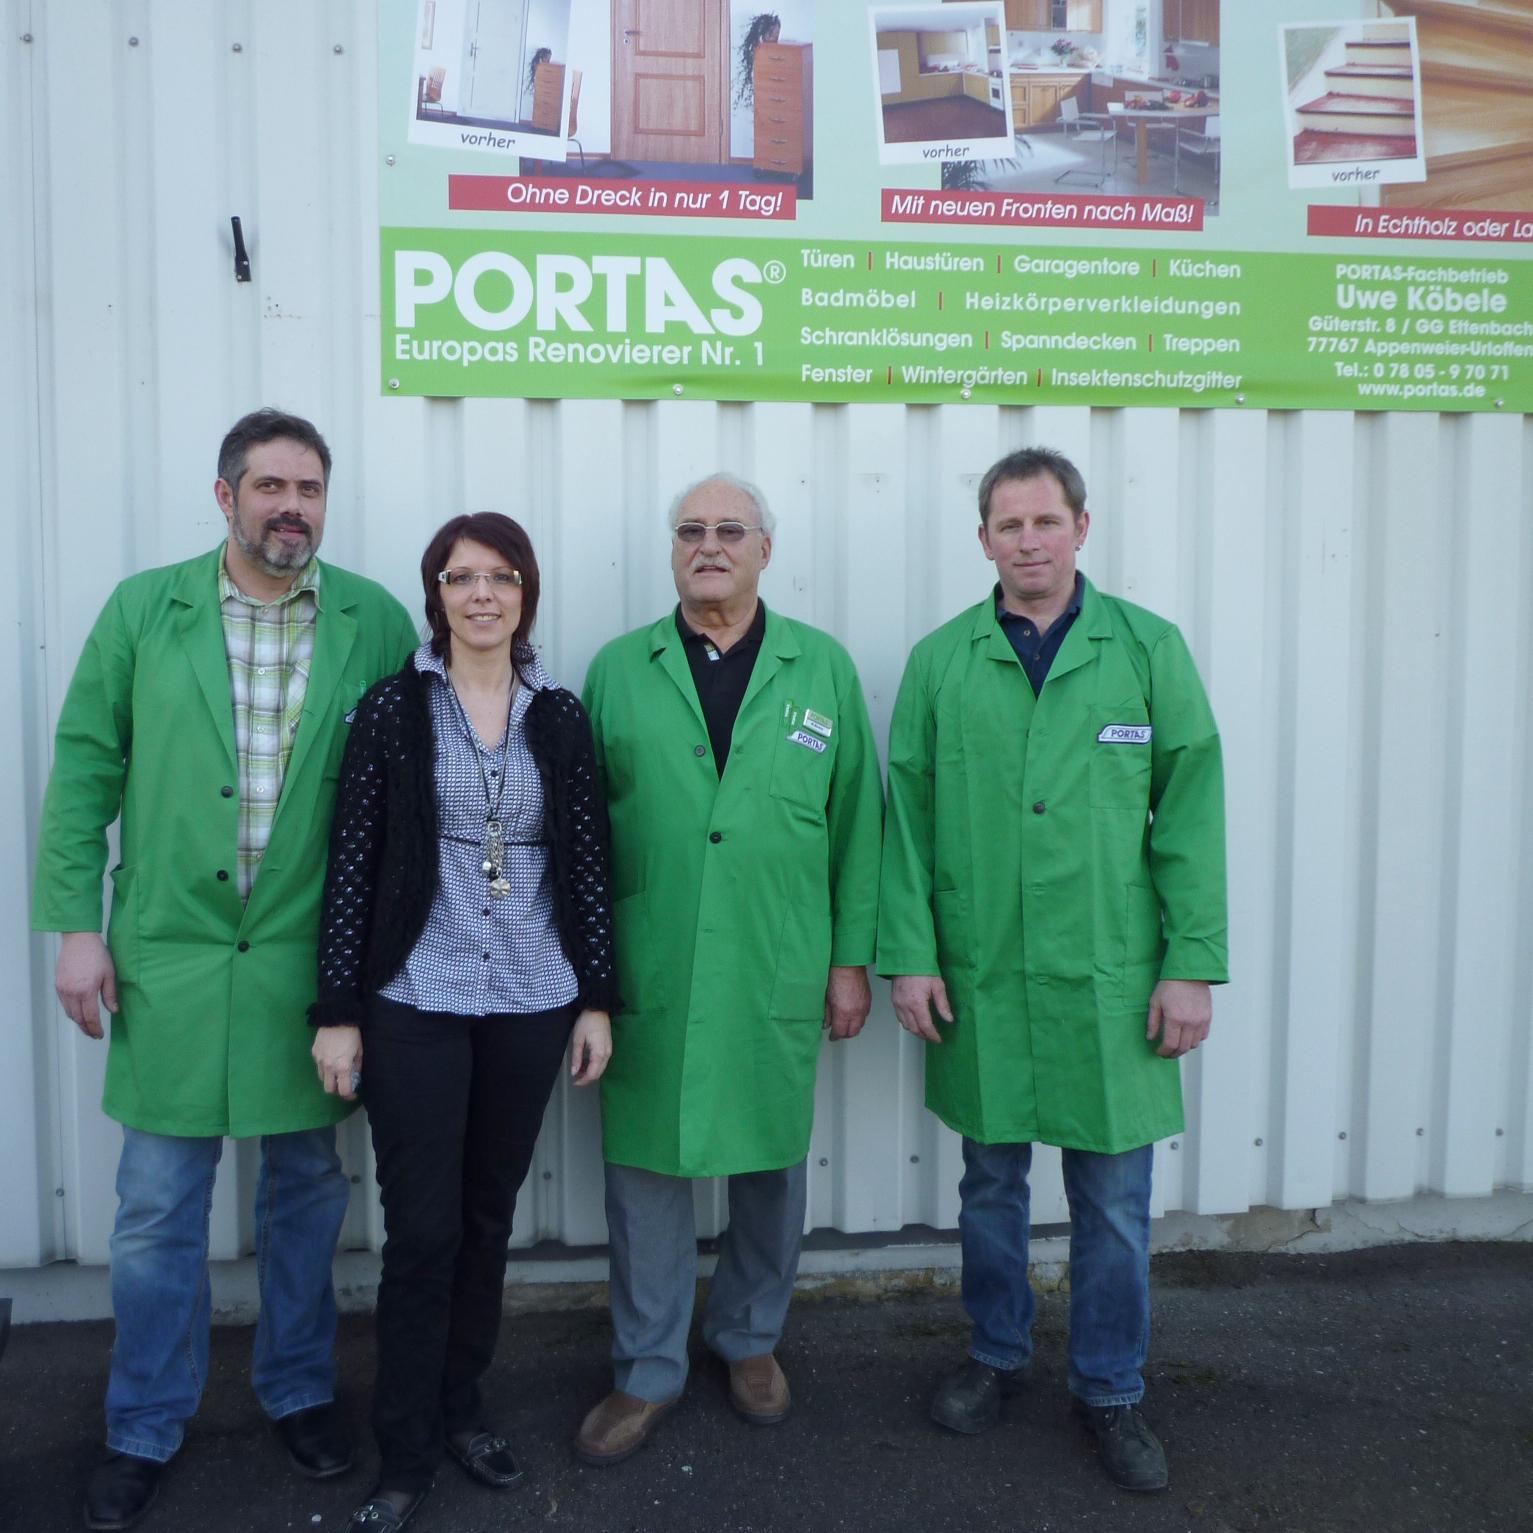 Foto de PORTAS-Fachbetrieb Uwe Köbele